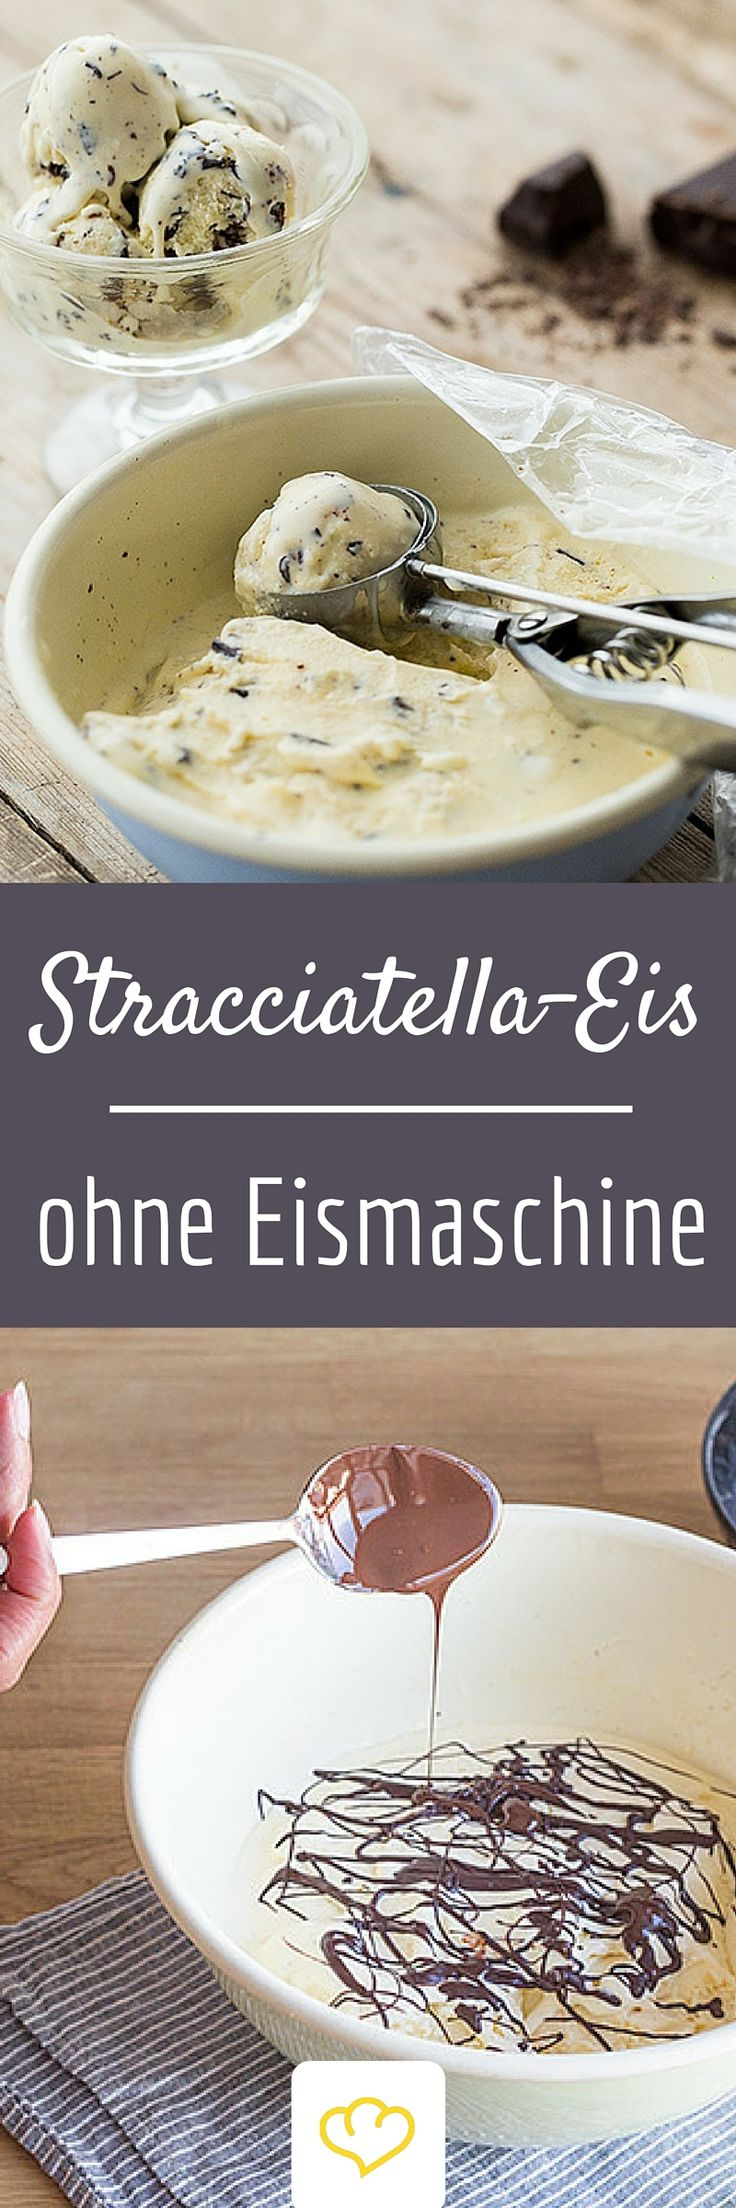 Auch ohne Eismaschine kannst du köstlich cremiges Stracciatella-Eis zu Hause herstellen. Was du brauchst, sind entsprechende Zutaten, ein Gefrierfach und etwas Geduld.